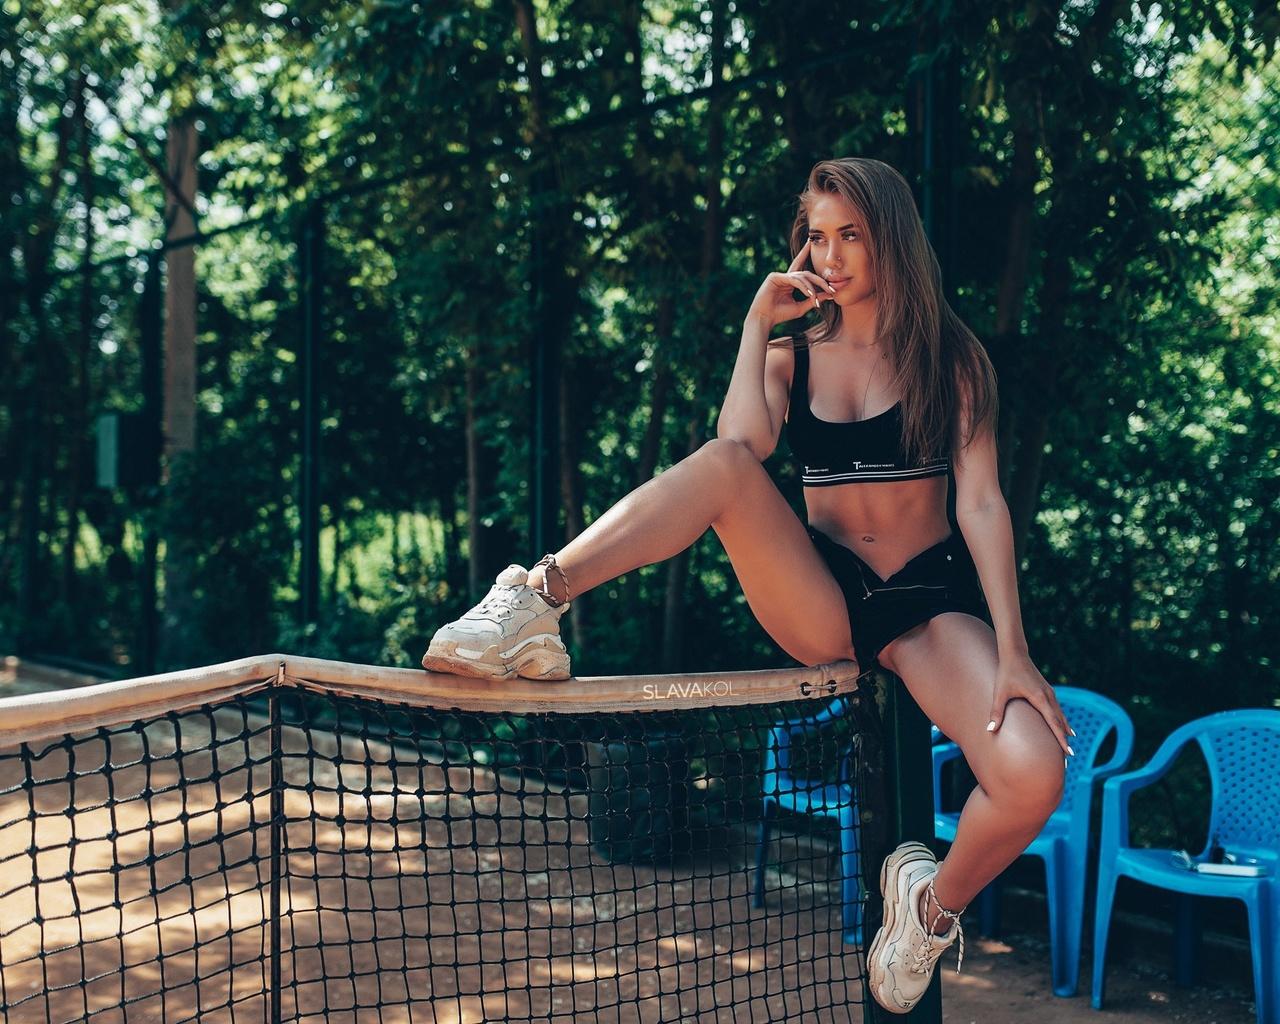 women, slava kol, sneakers, jean shorts, black top, sportswear, trees, brunette, belly, sitting, plastic chair, women outdoors, tennis court, pierced nose